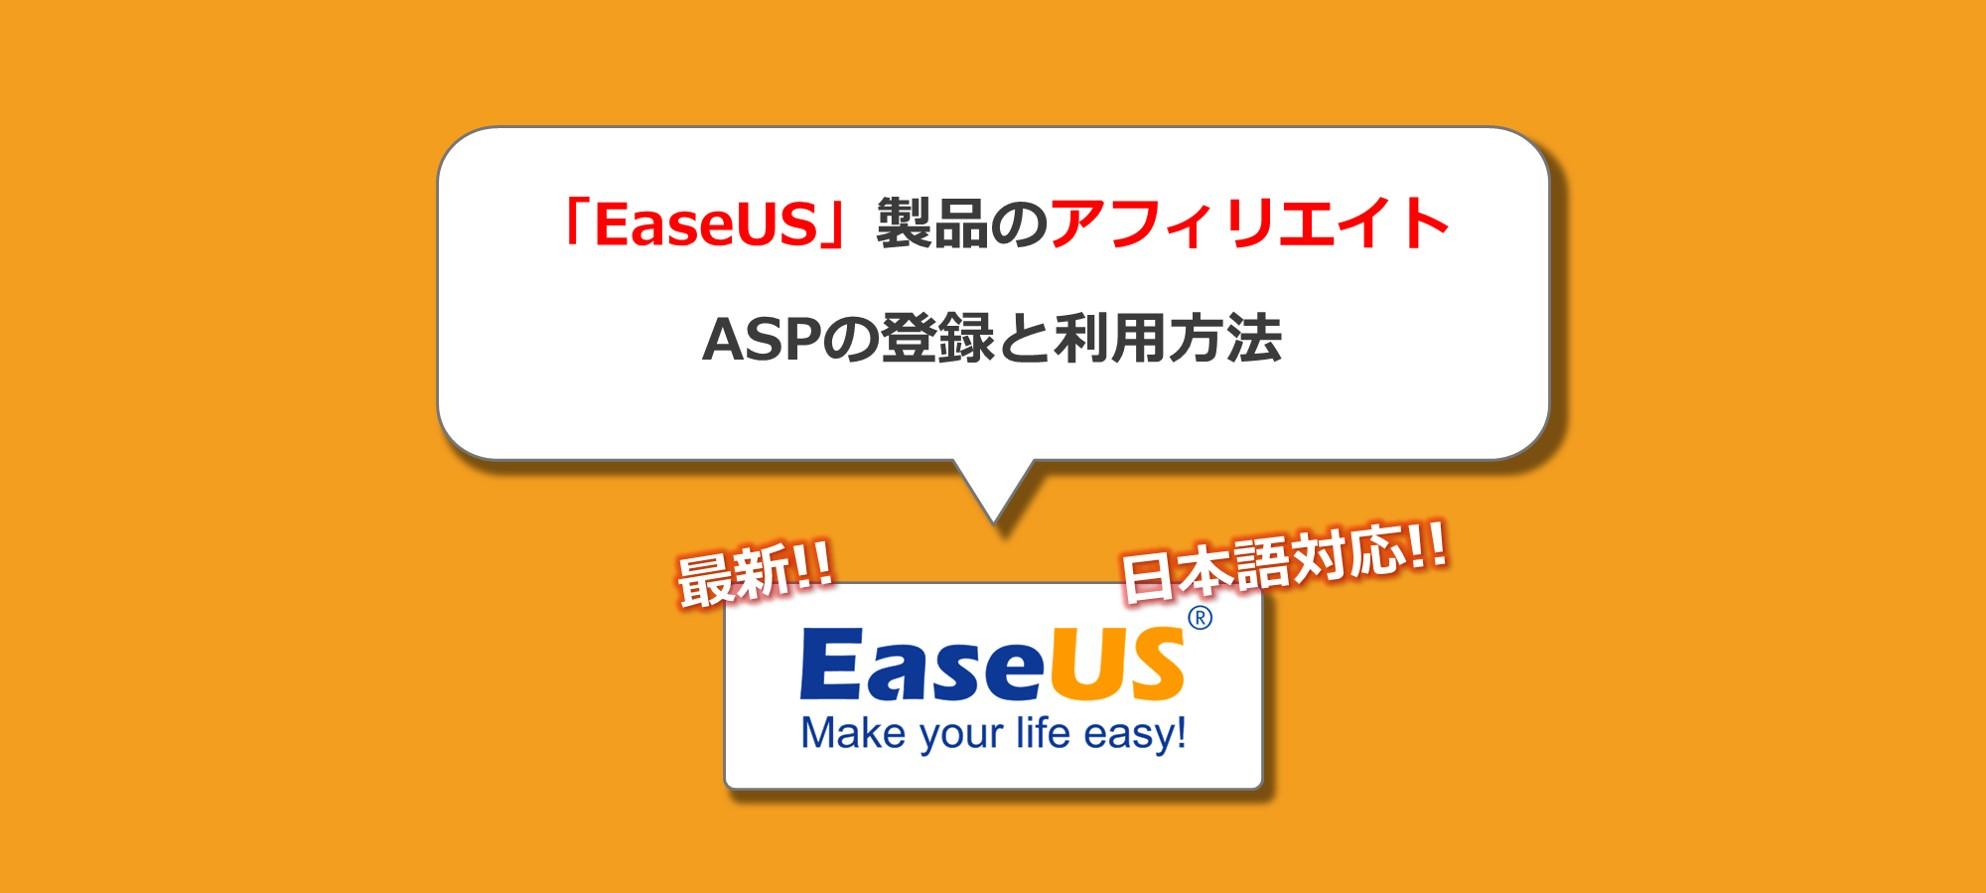 【2020年最新】EaseUS日本語対応アフィリエイトの登録と使い方